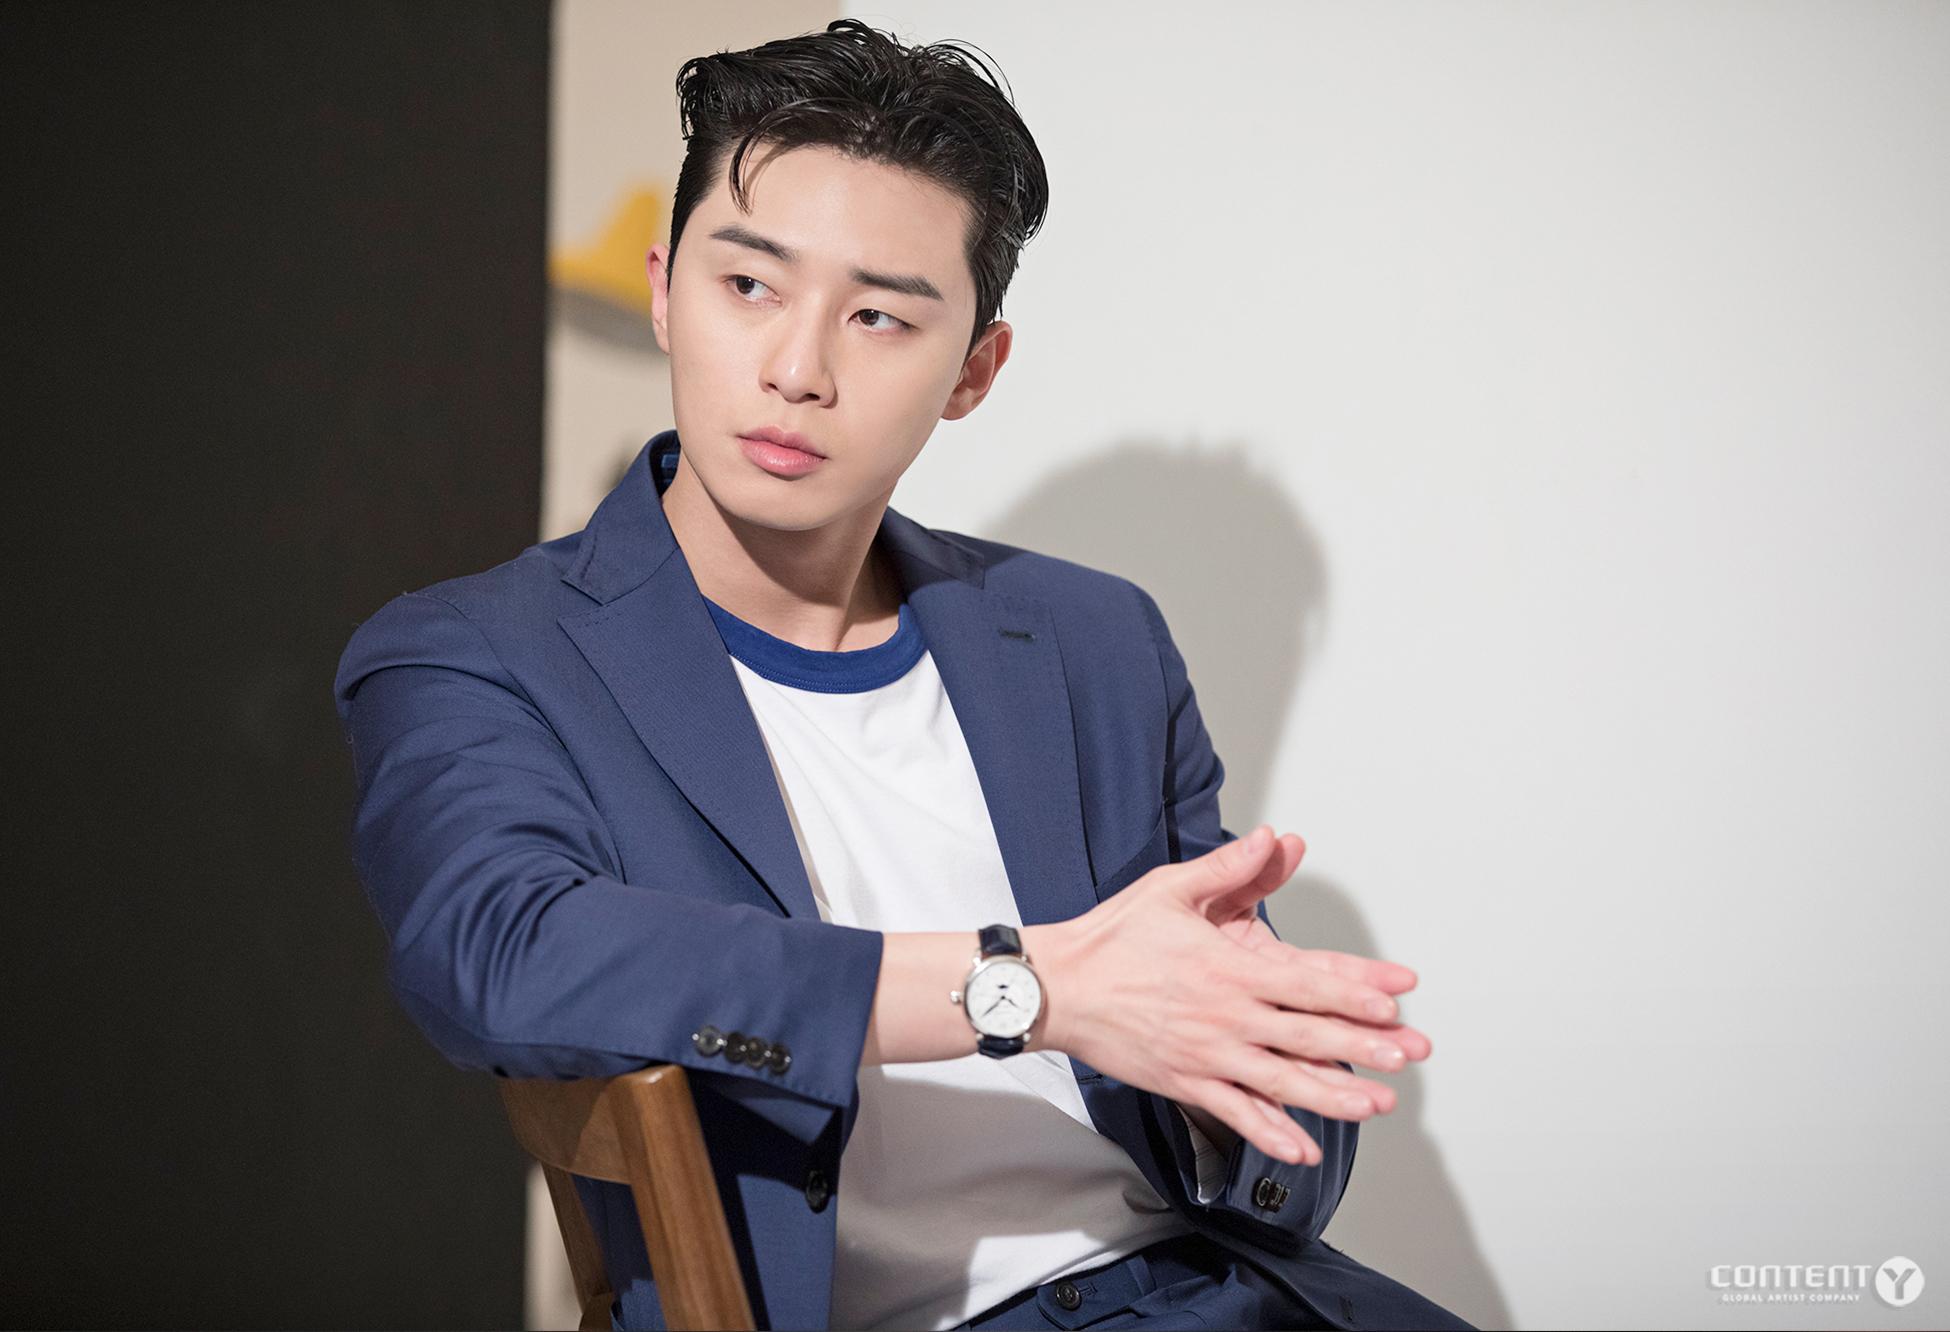 most handsome korean actors, handsome korean actors, park seo joon